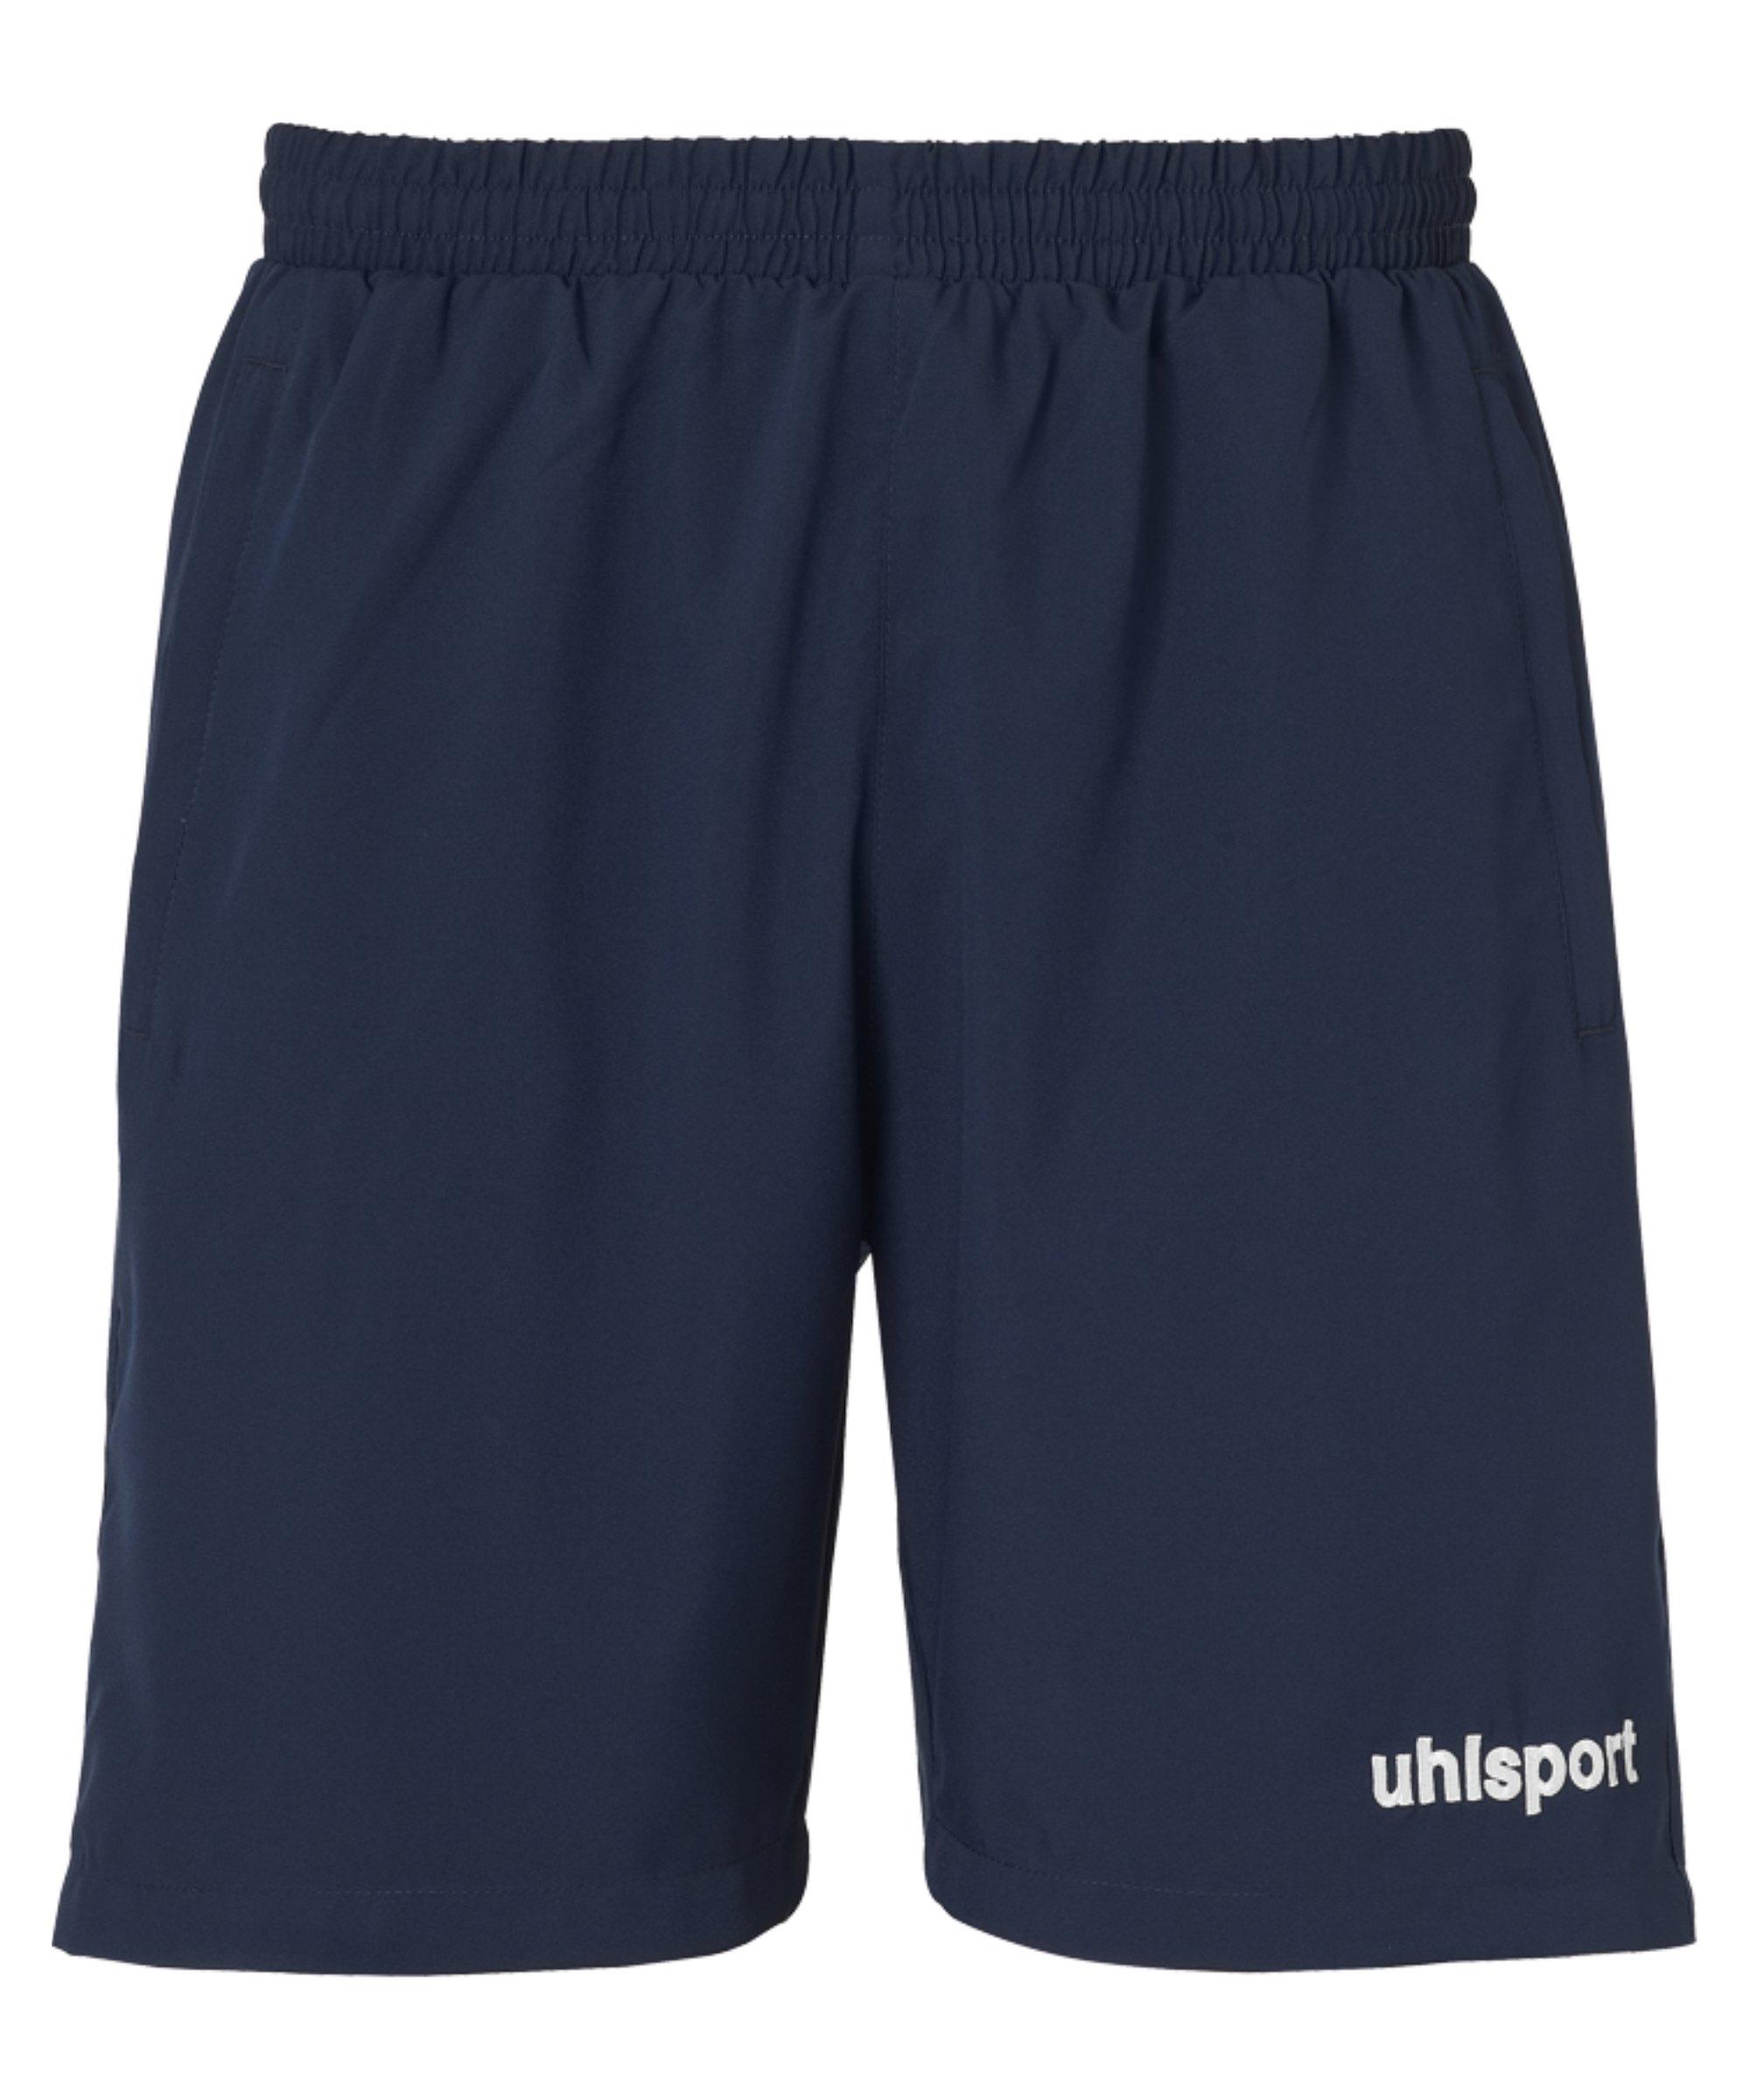 Uhlsport Essential Webshorts Blau F02 - blau